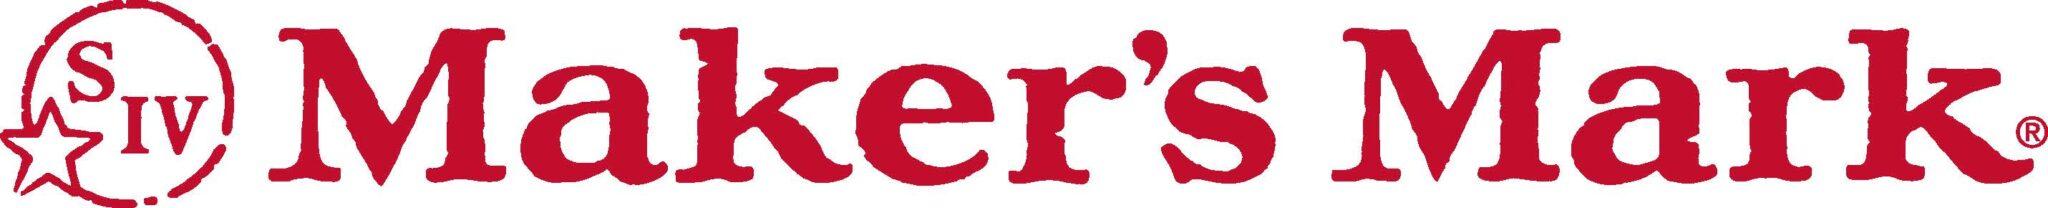 MM_21-Logo_HRZ_200